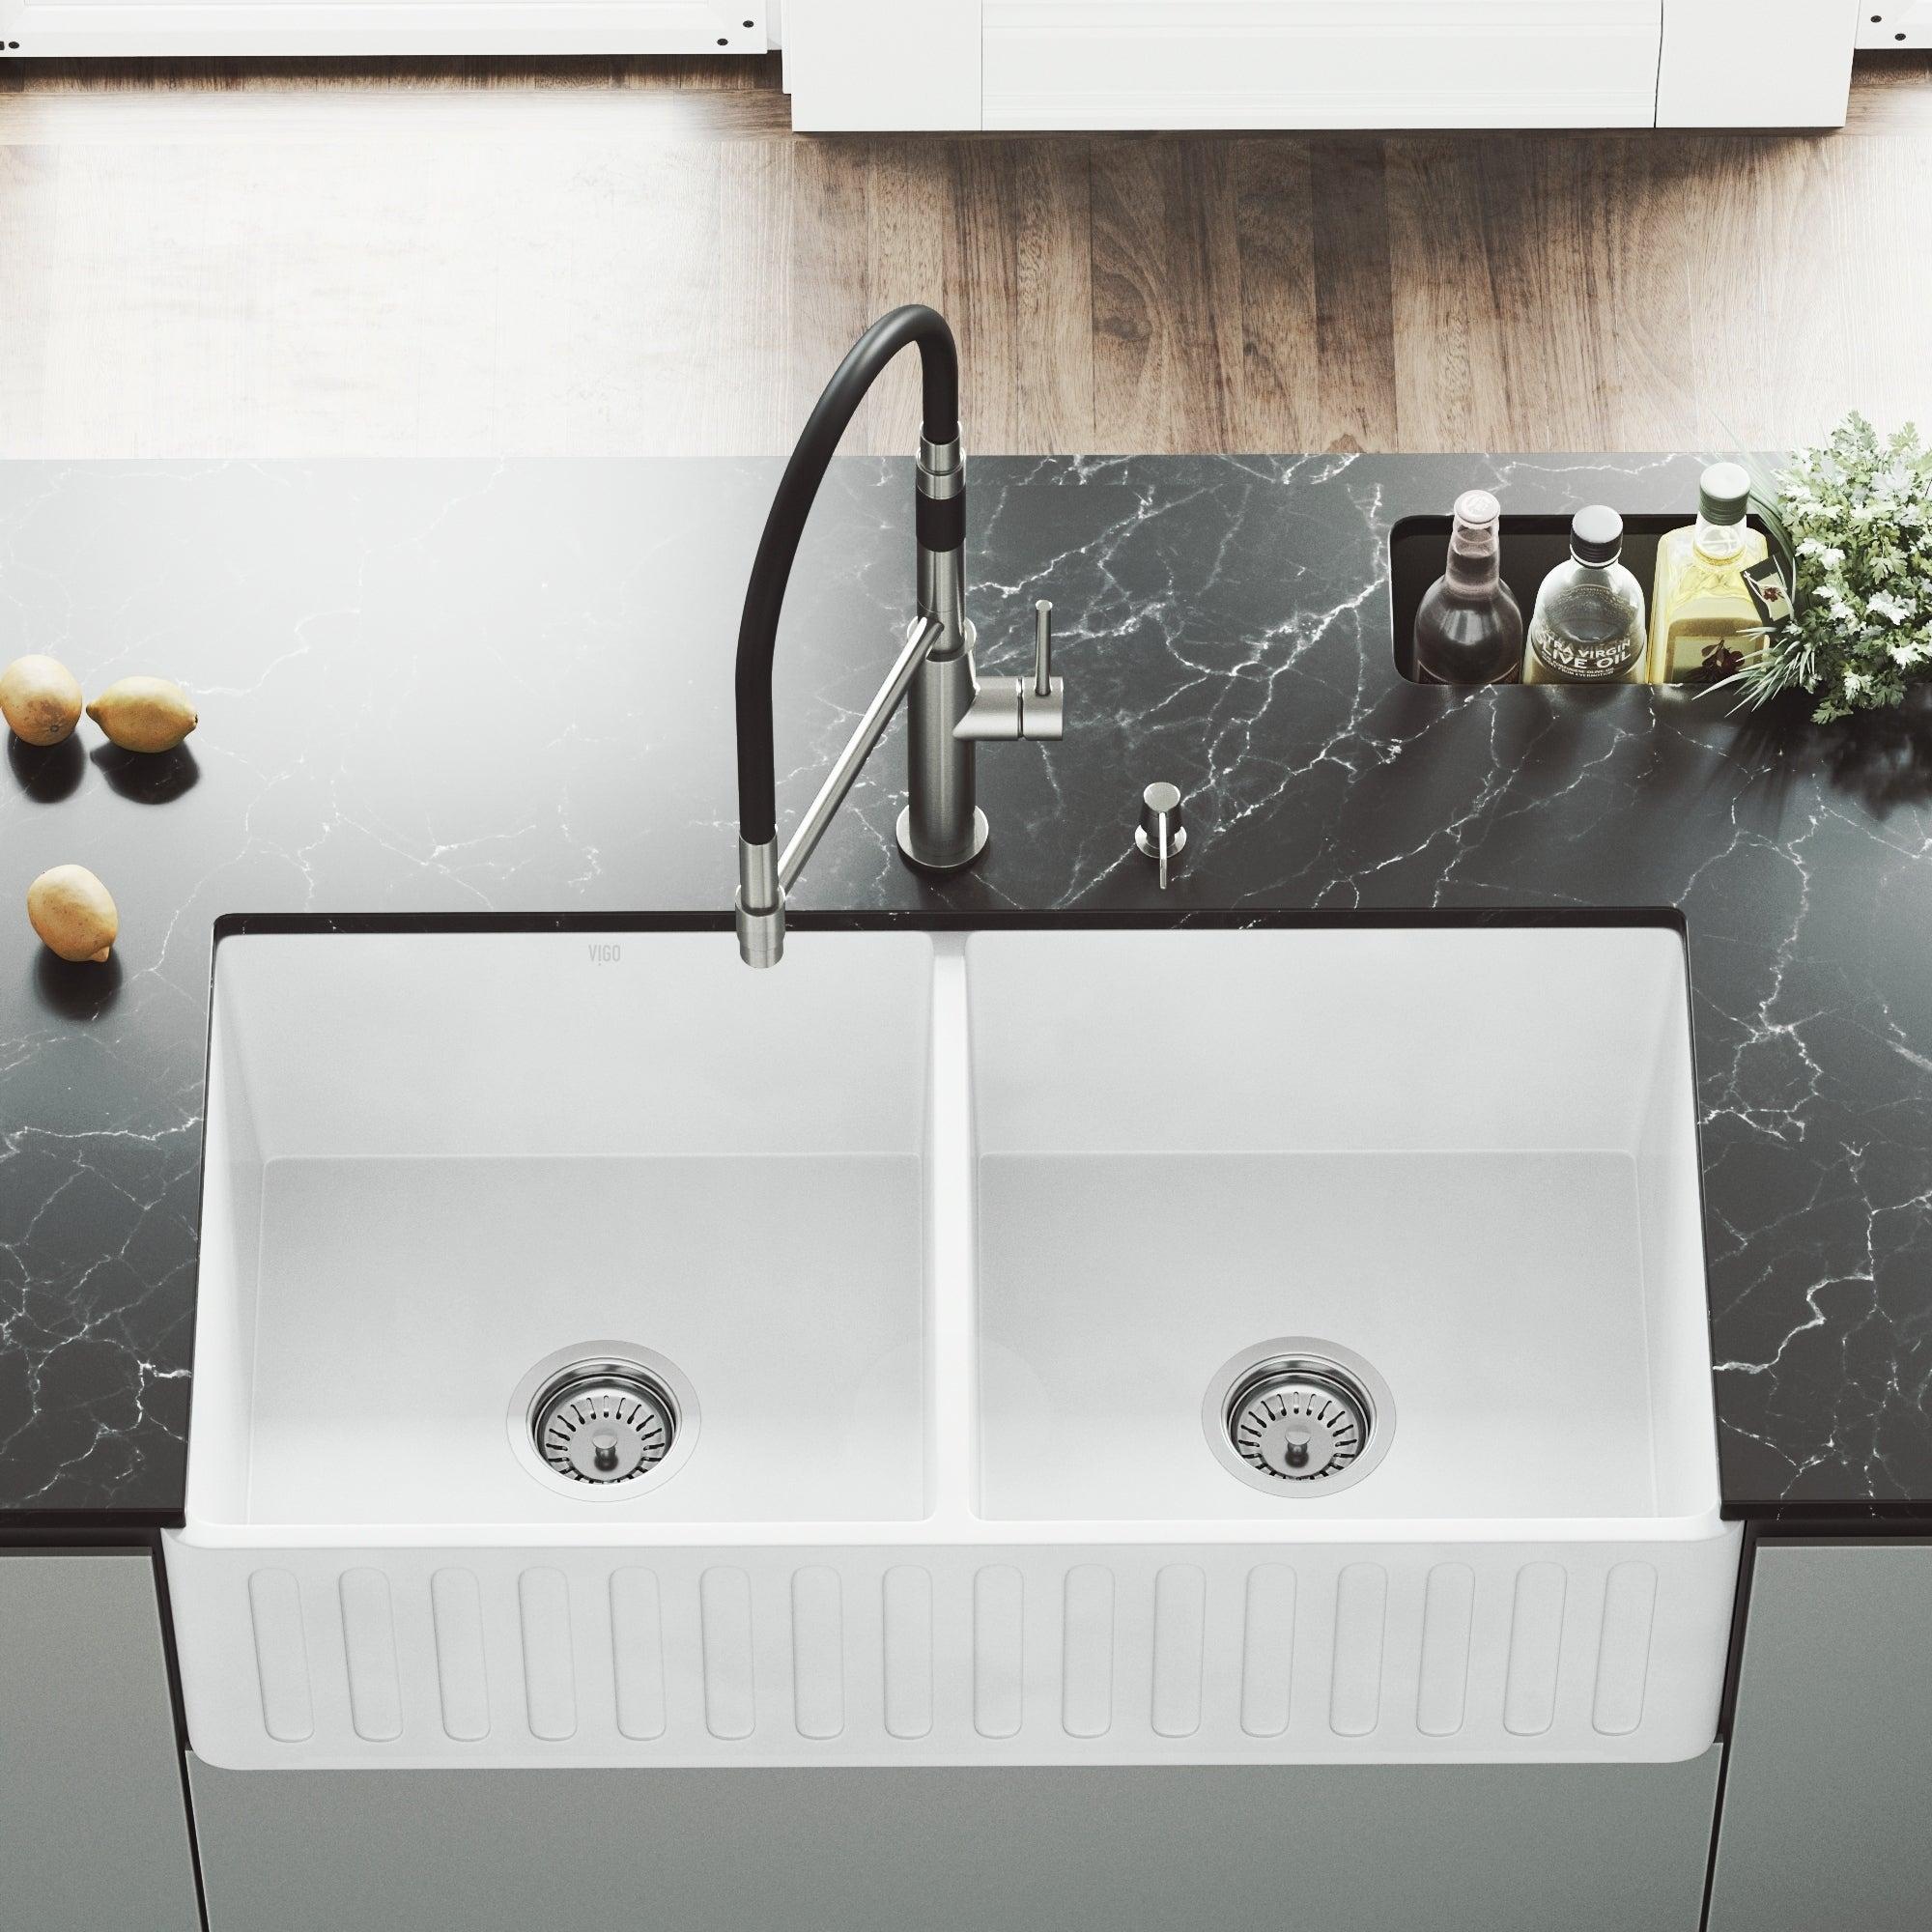 Vigo White 36 Inch Matte Stone Double Bowl Farmhouse Kitchen Sink